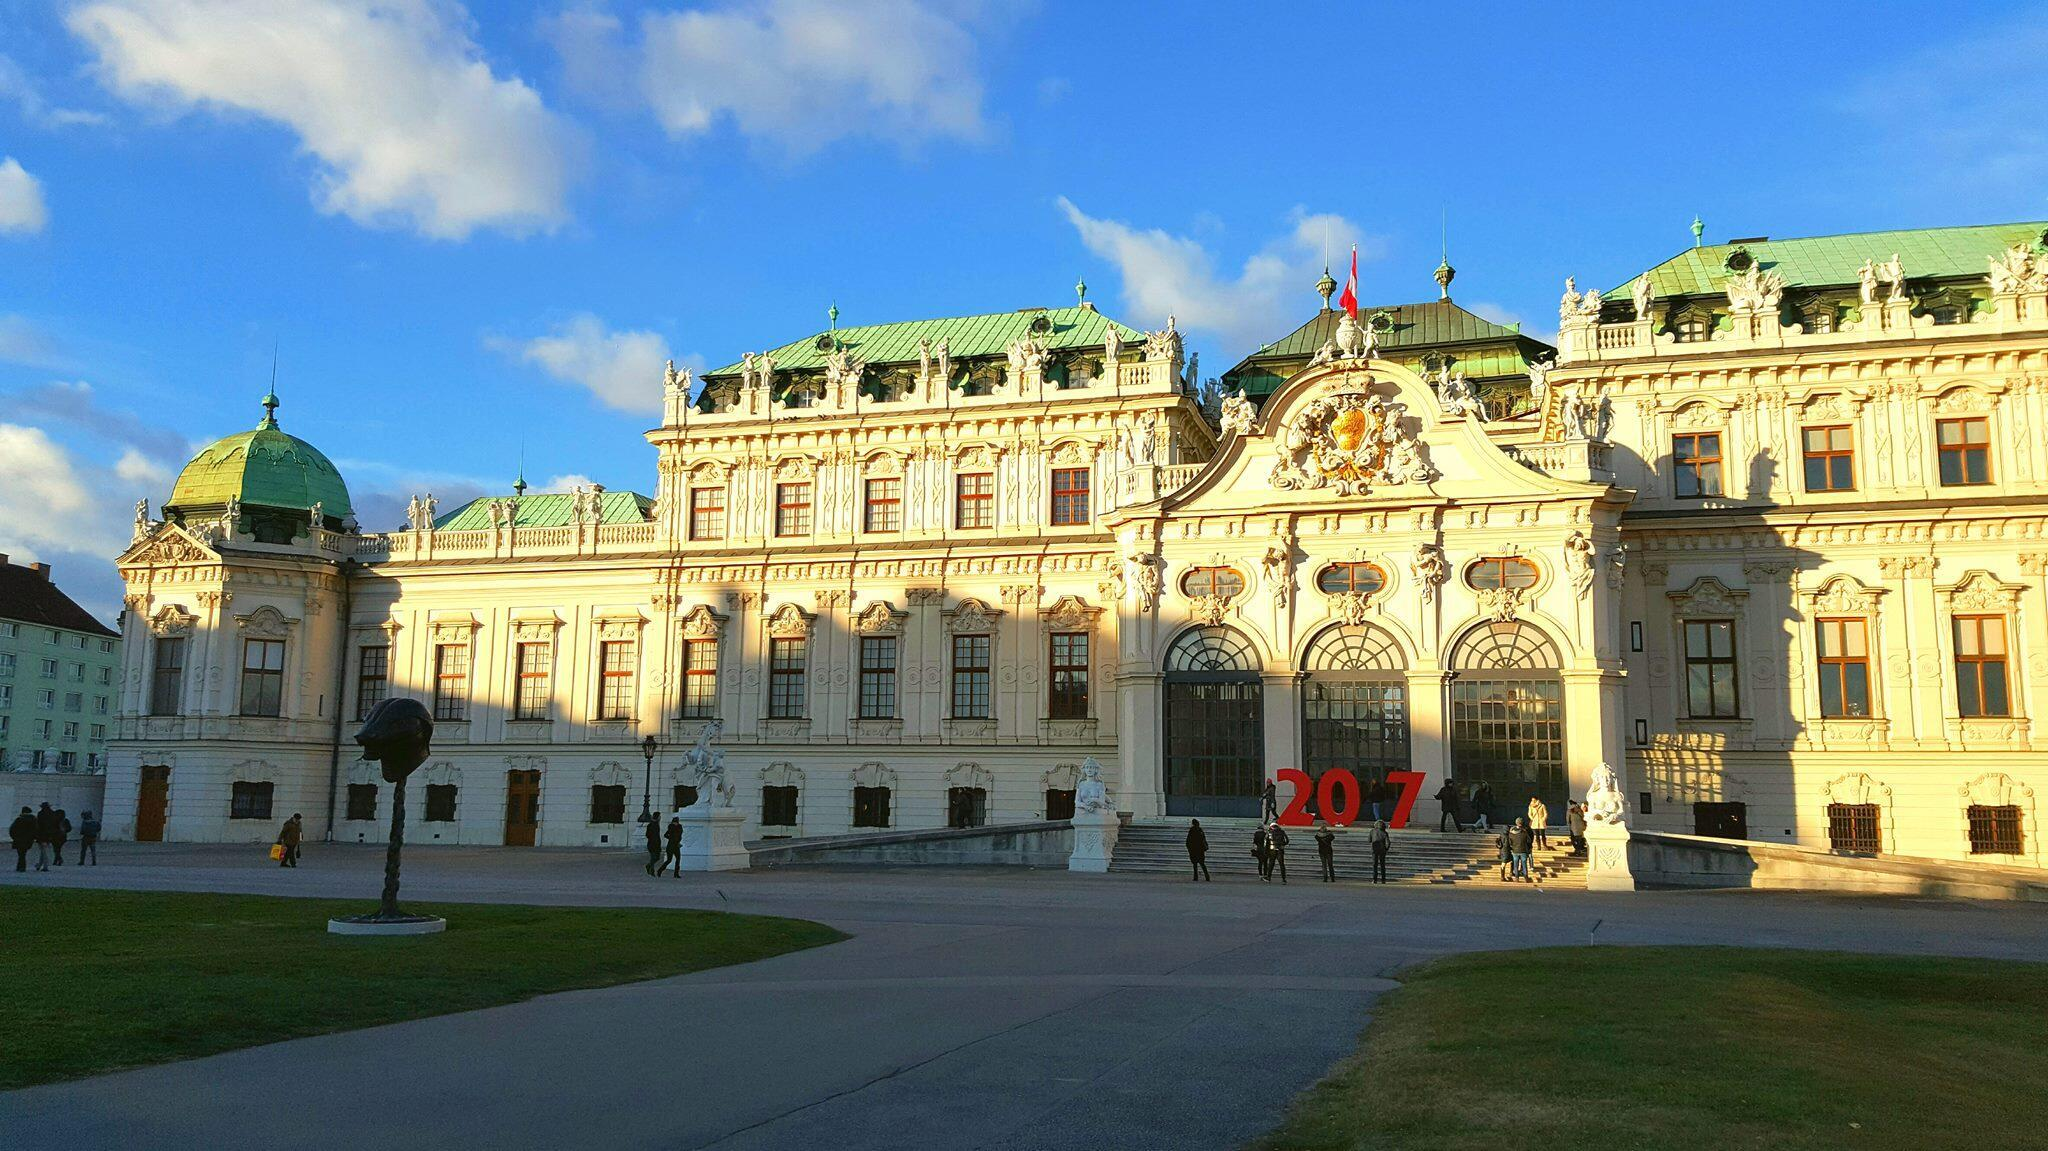 Cung điện Belvedere tại Vienne, nơi trưng bày bộ tranh Klimt